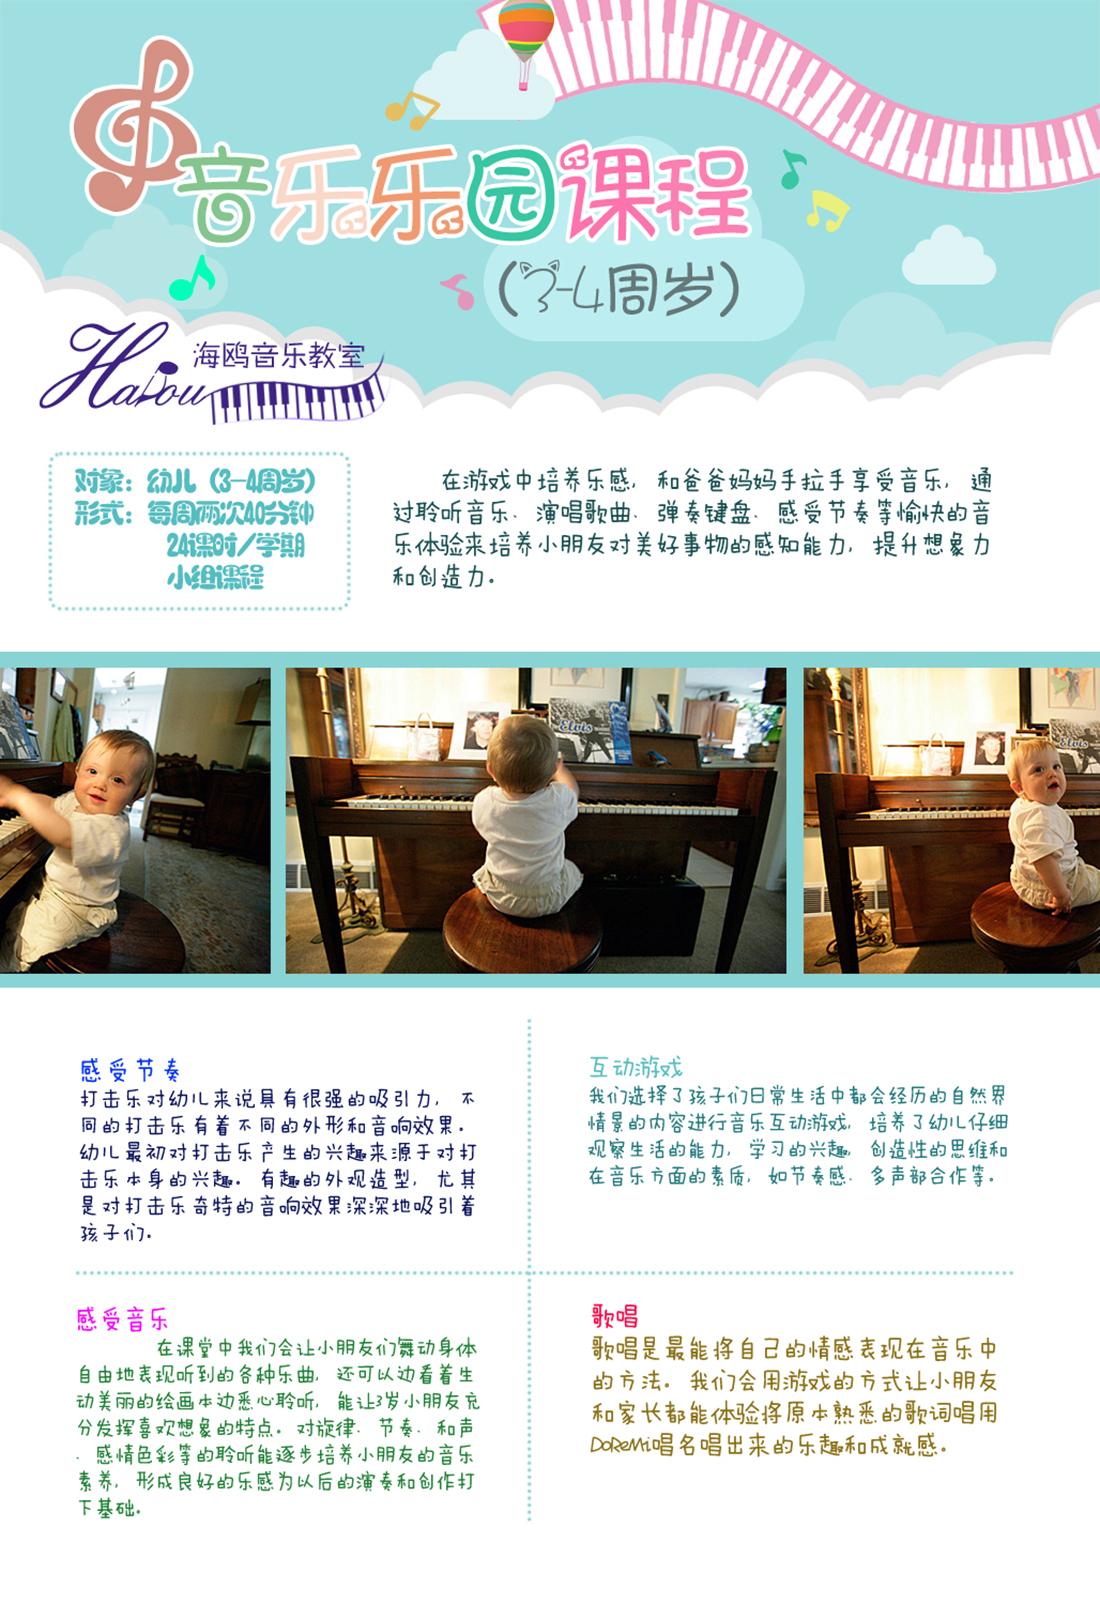 手机号: 图形验证码: 机构黑板报: 【新闻资讯】海鸥音乐教室4次公益